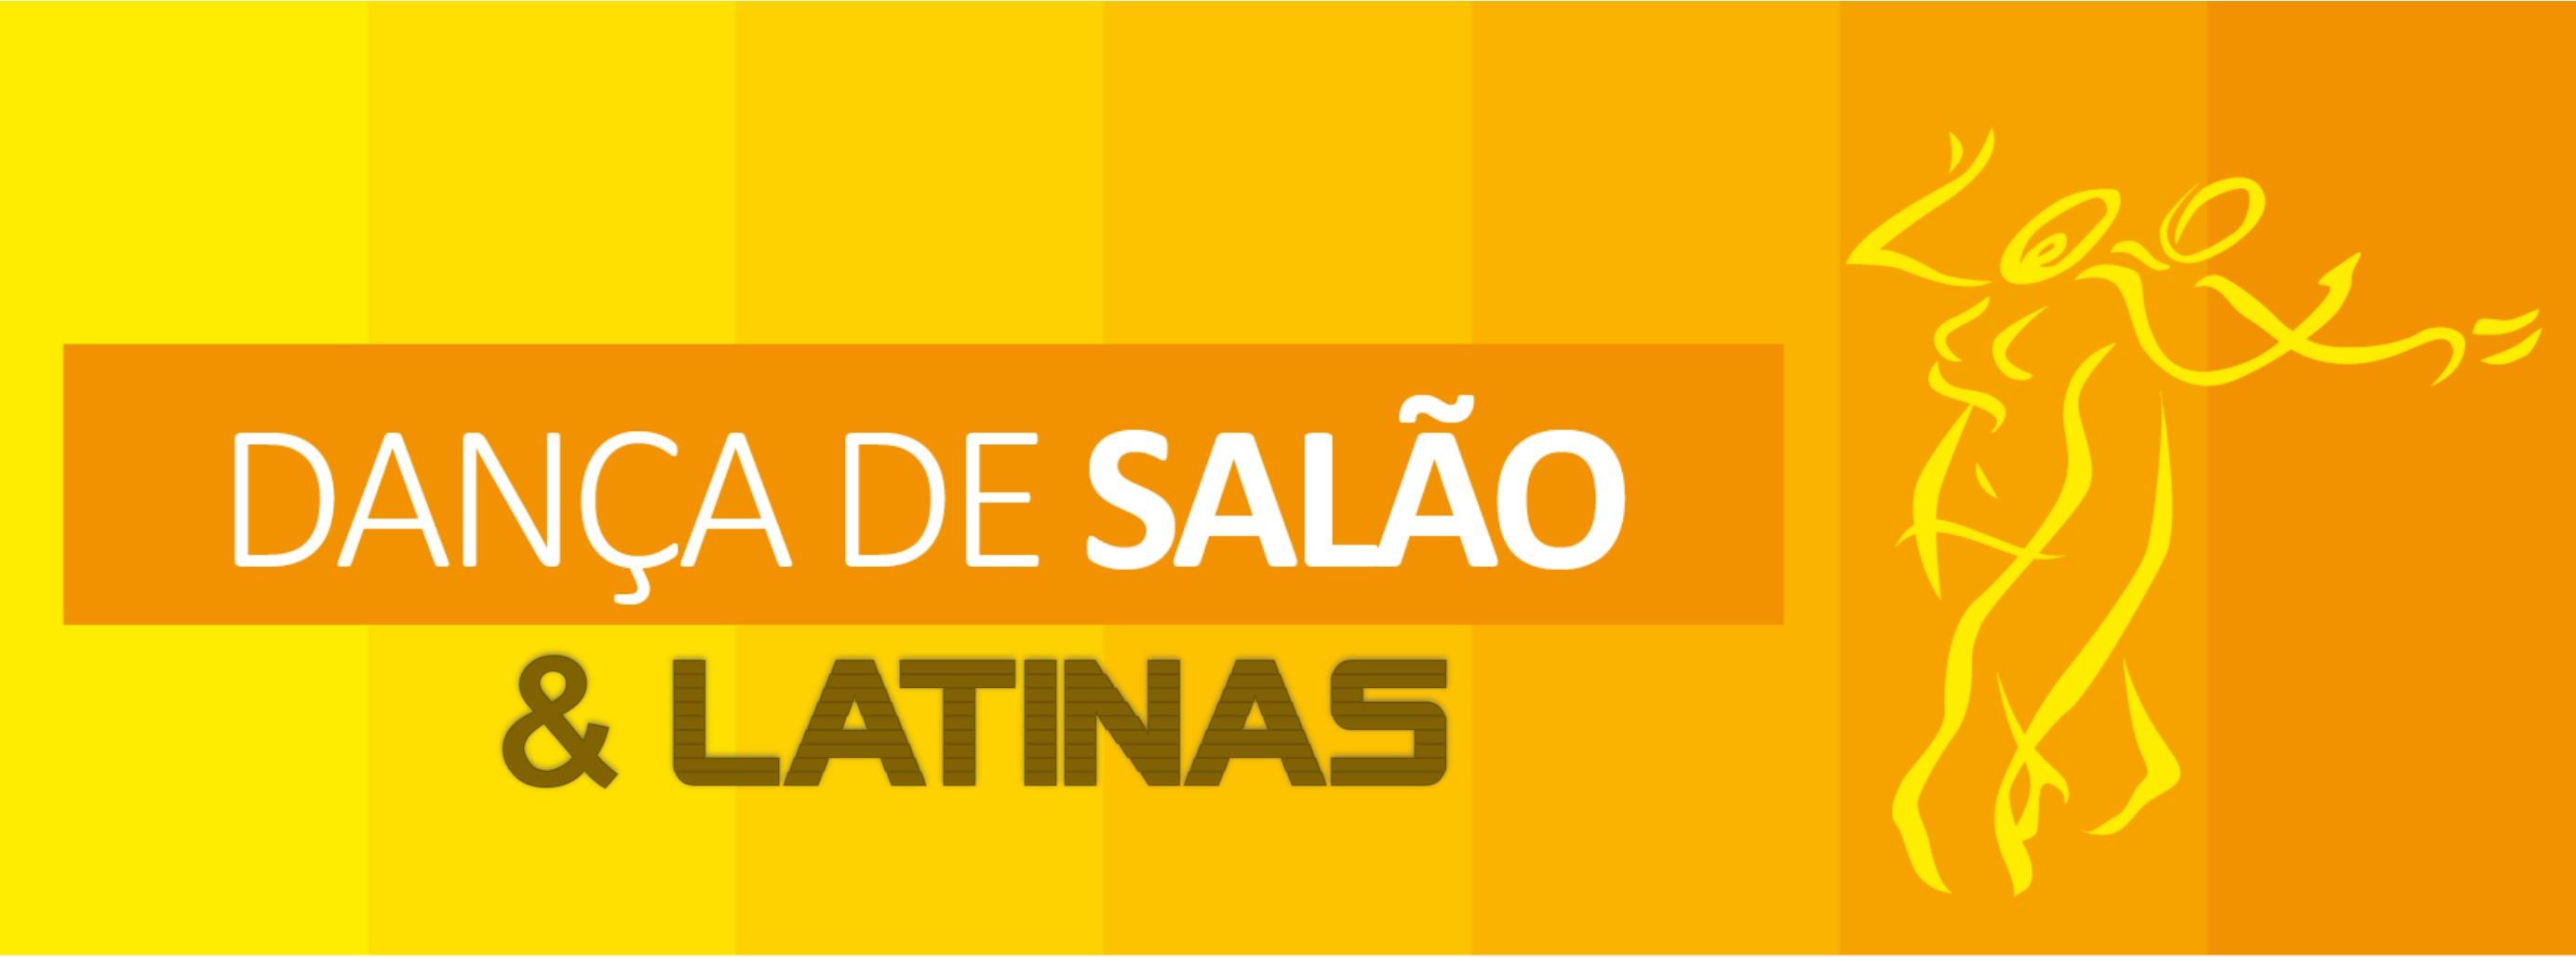 DANÇAS DE SALÃO E DANÇAS LATINAS